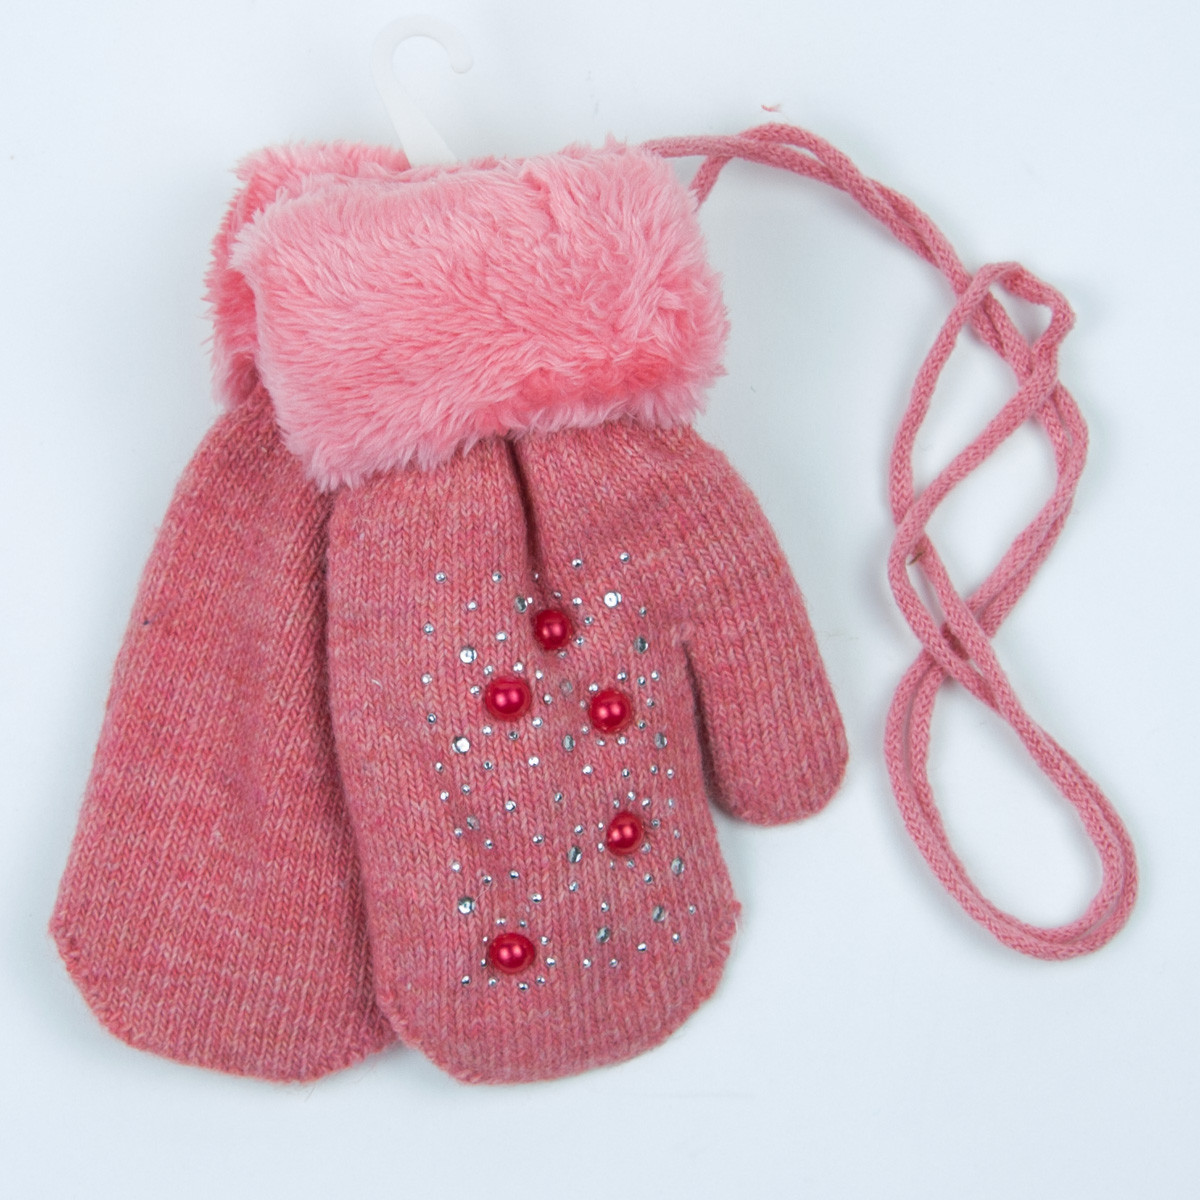 Варежки на девочек с меховой подкладкой на 5-7 лет - 19-7-67 - Коралловый